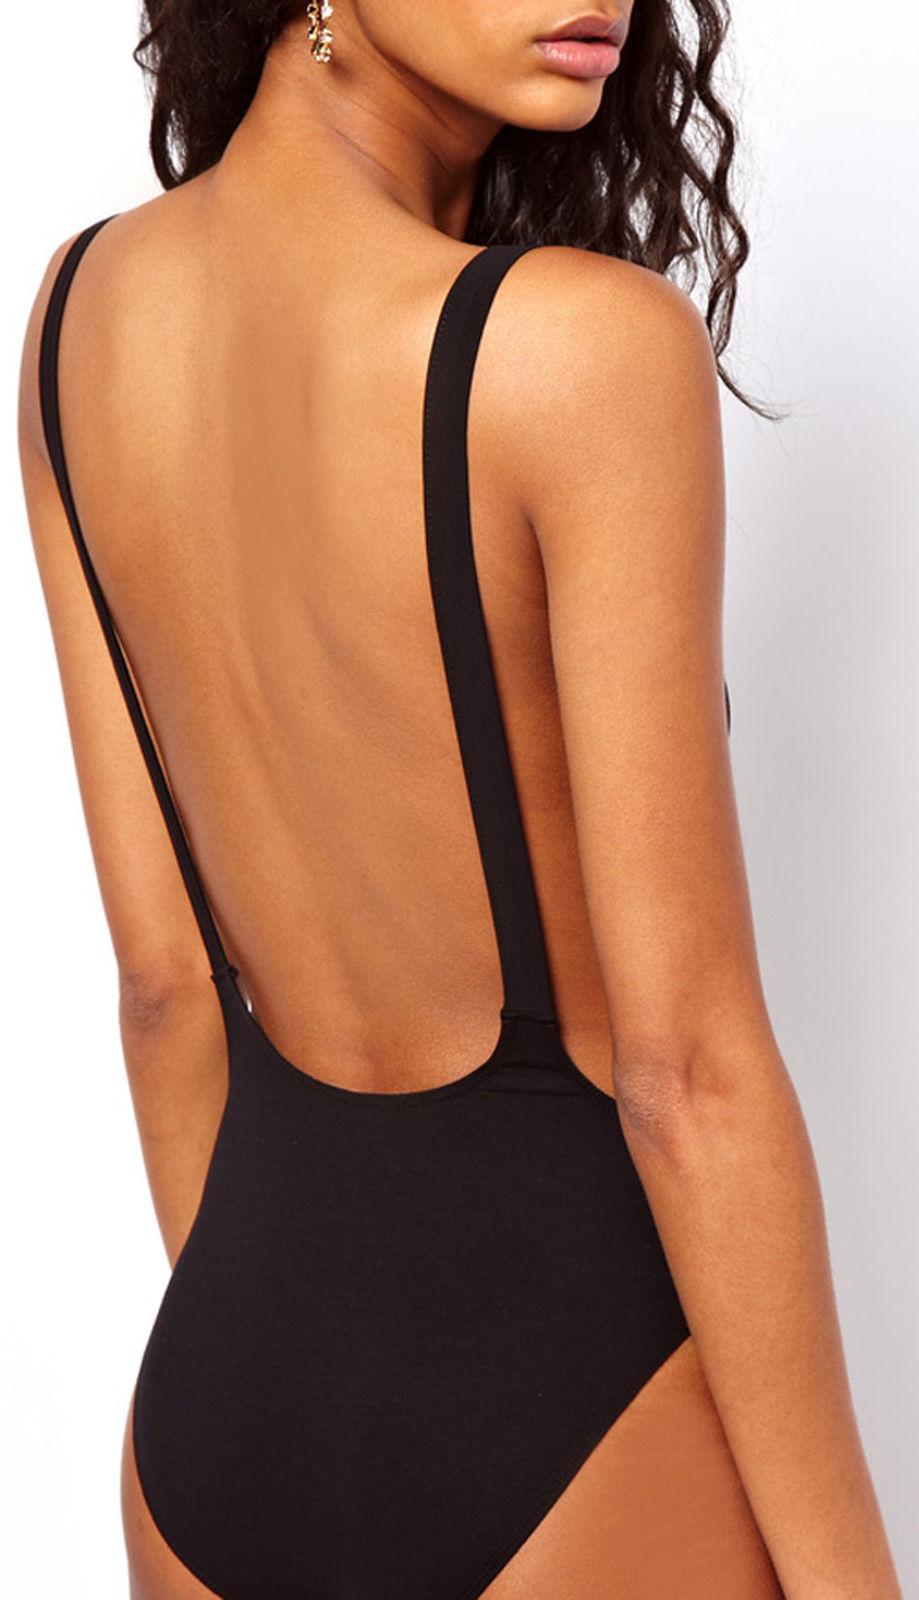 da donna taglie forti a schiena nuda body elasticizzato scollato basic top 8 22 ebay. Black Bedroom Furniture Sets. Home Design Ideas